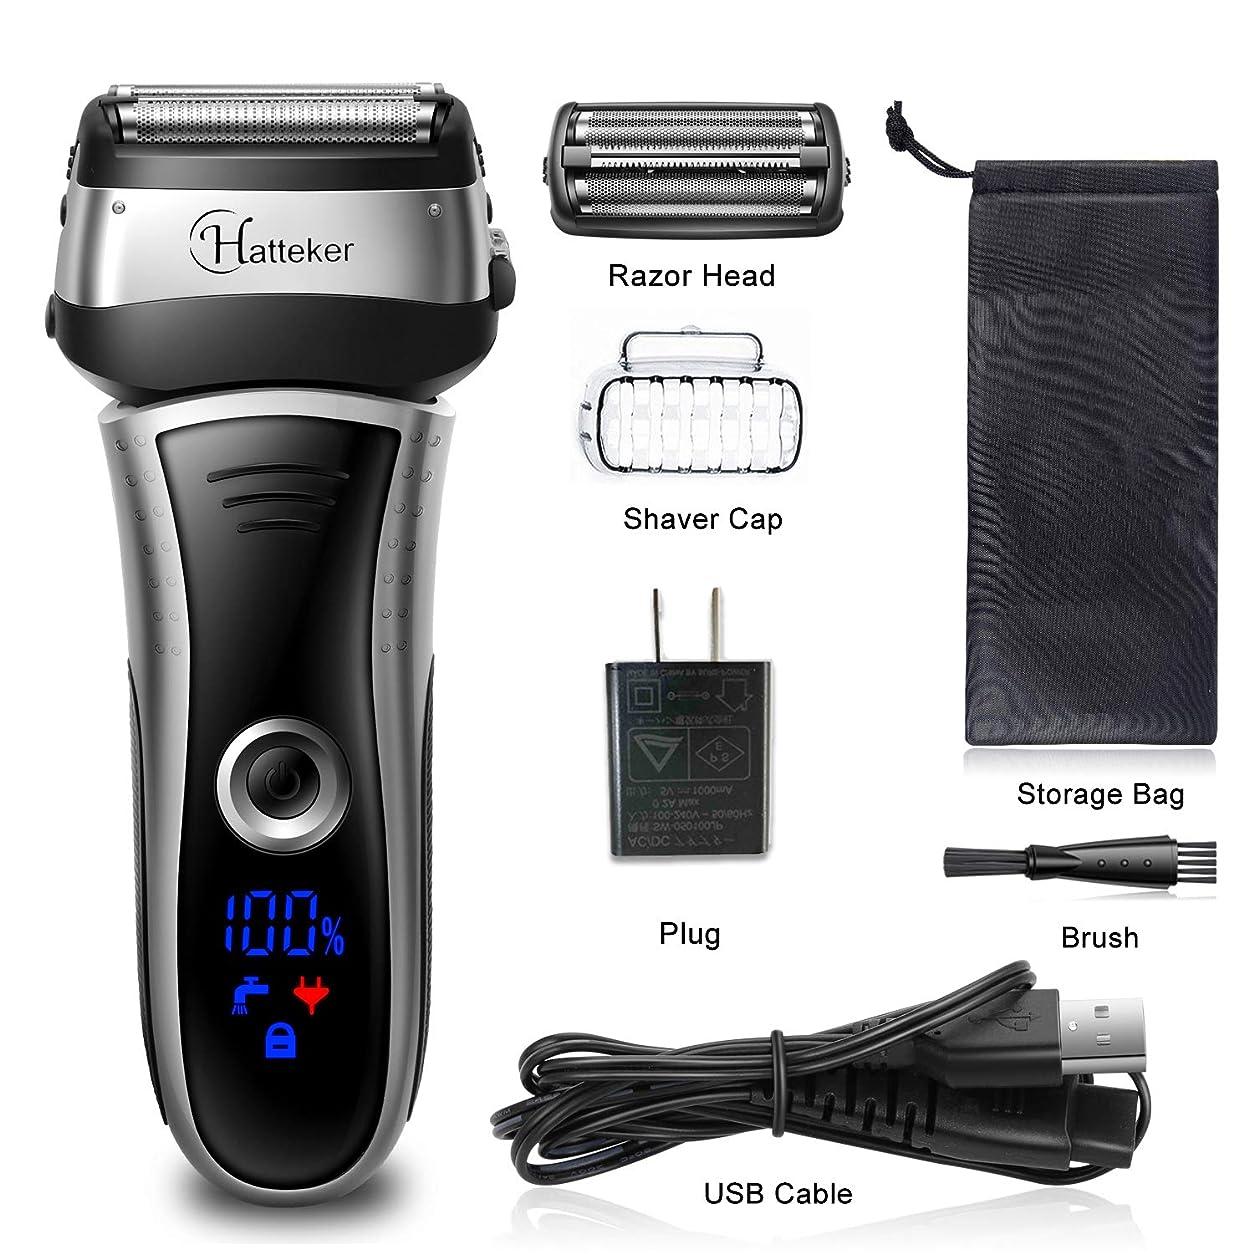 事業意気揚々ハンディHATTEKER メンズシェーバー ひげそり 電動髭剃り 往復式シェーバー 3枚刃 USB充電式 LEDディスプレイ お風呂剃り & 丸洗可 替刃付きブラック